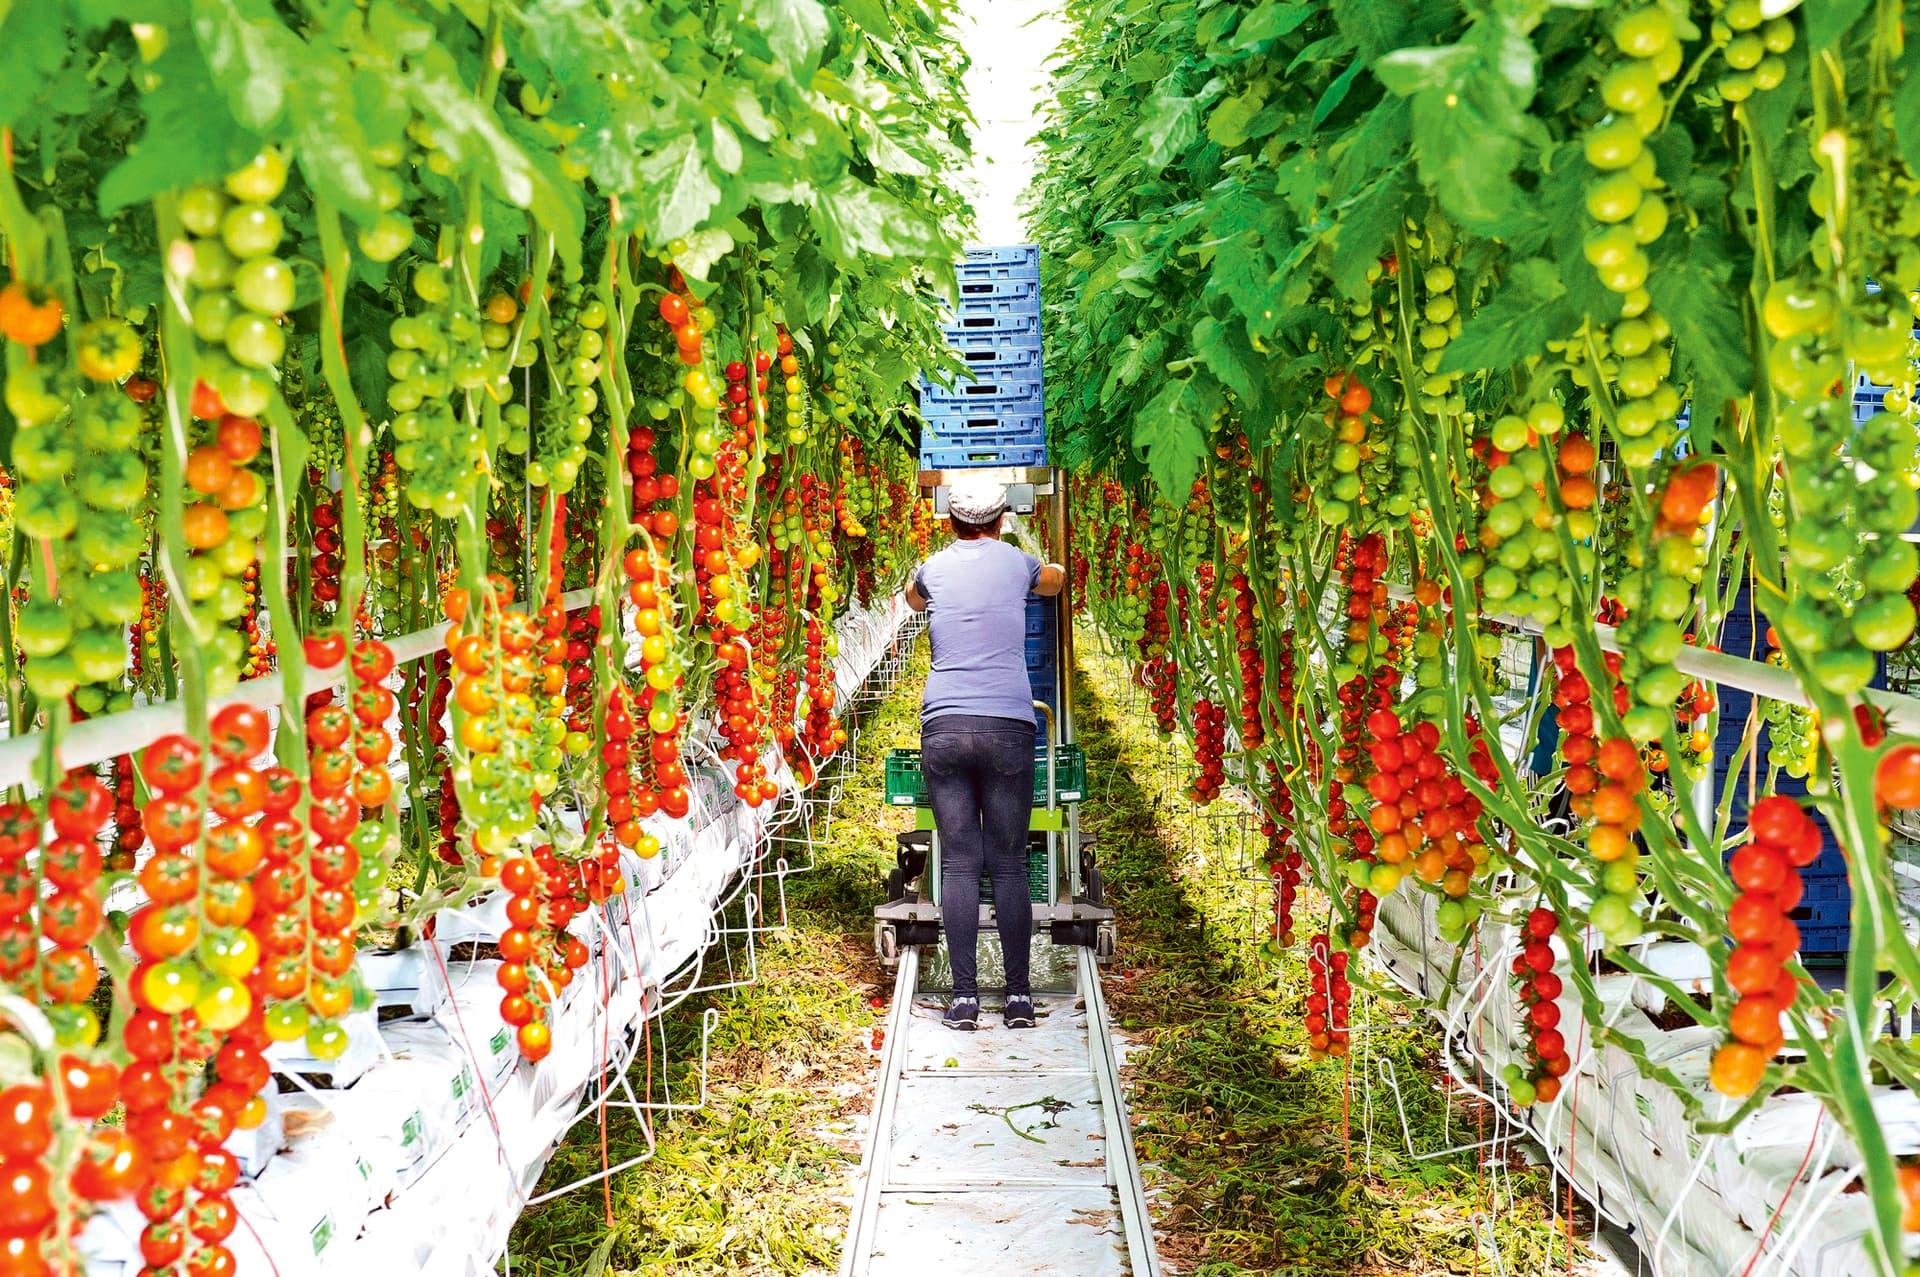 Zwischen zwei Reihen mannshoher Tomatenpflanzen läuft eine Frau hindurch.